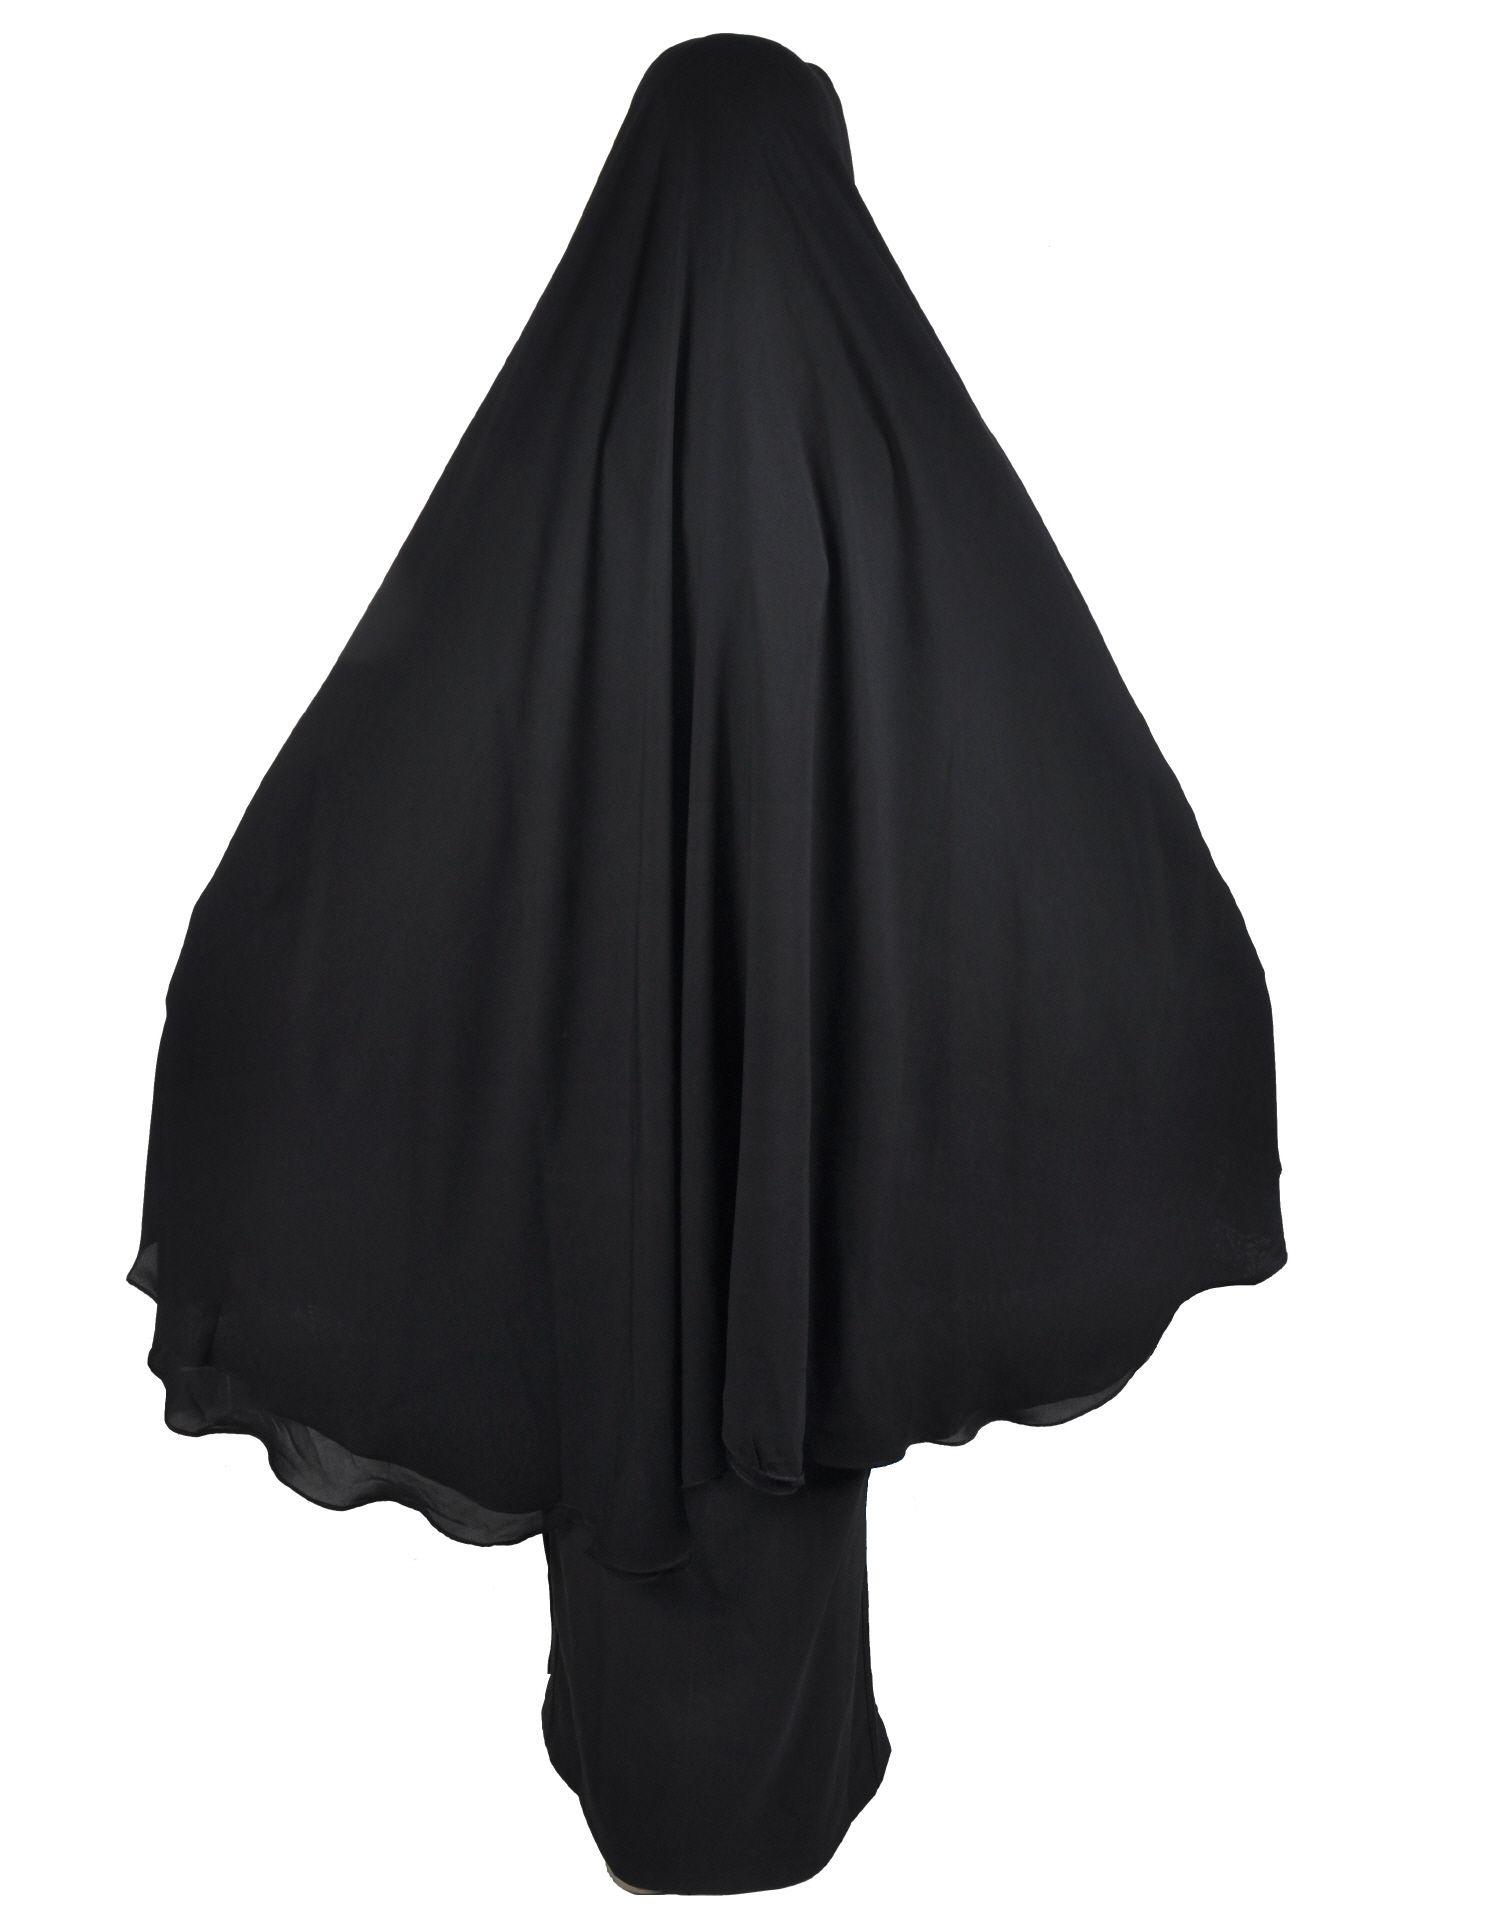 Niqabkhimar Schwarz  Islamische Kleidung Hidschab Kleidung